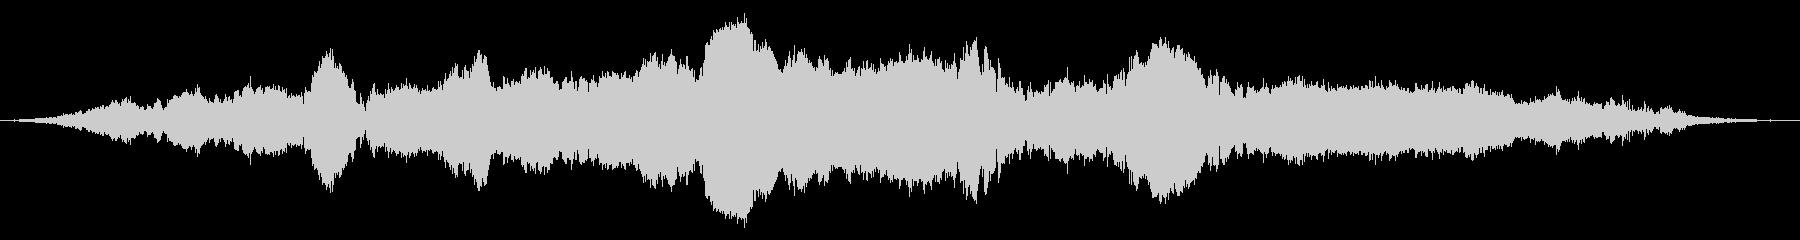 ヴィオラ:弦楽器全体の調和の未再生の波形